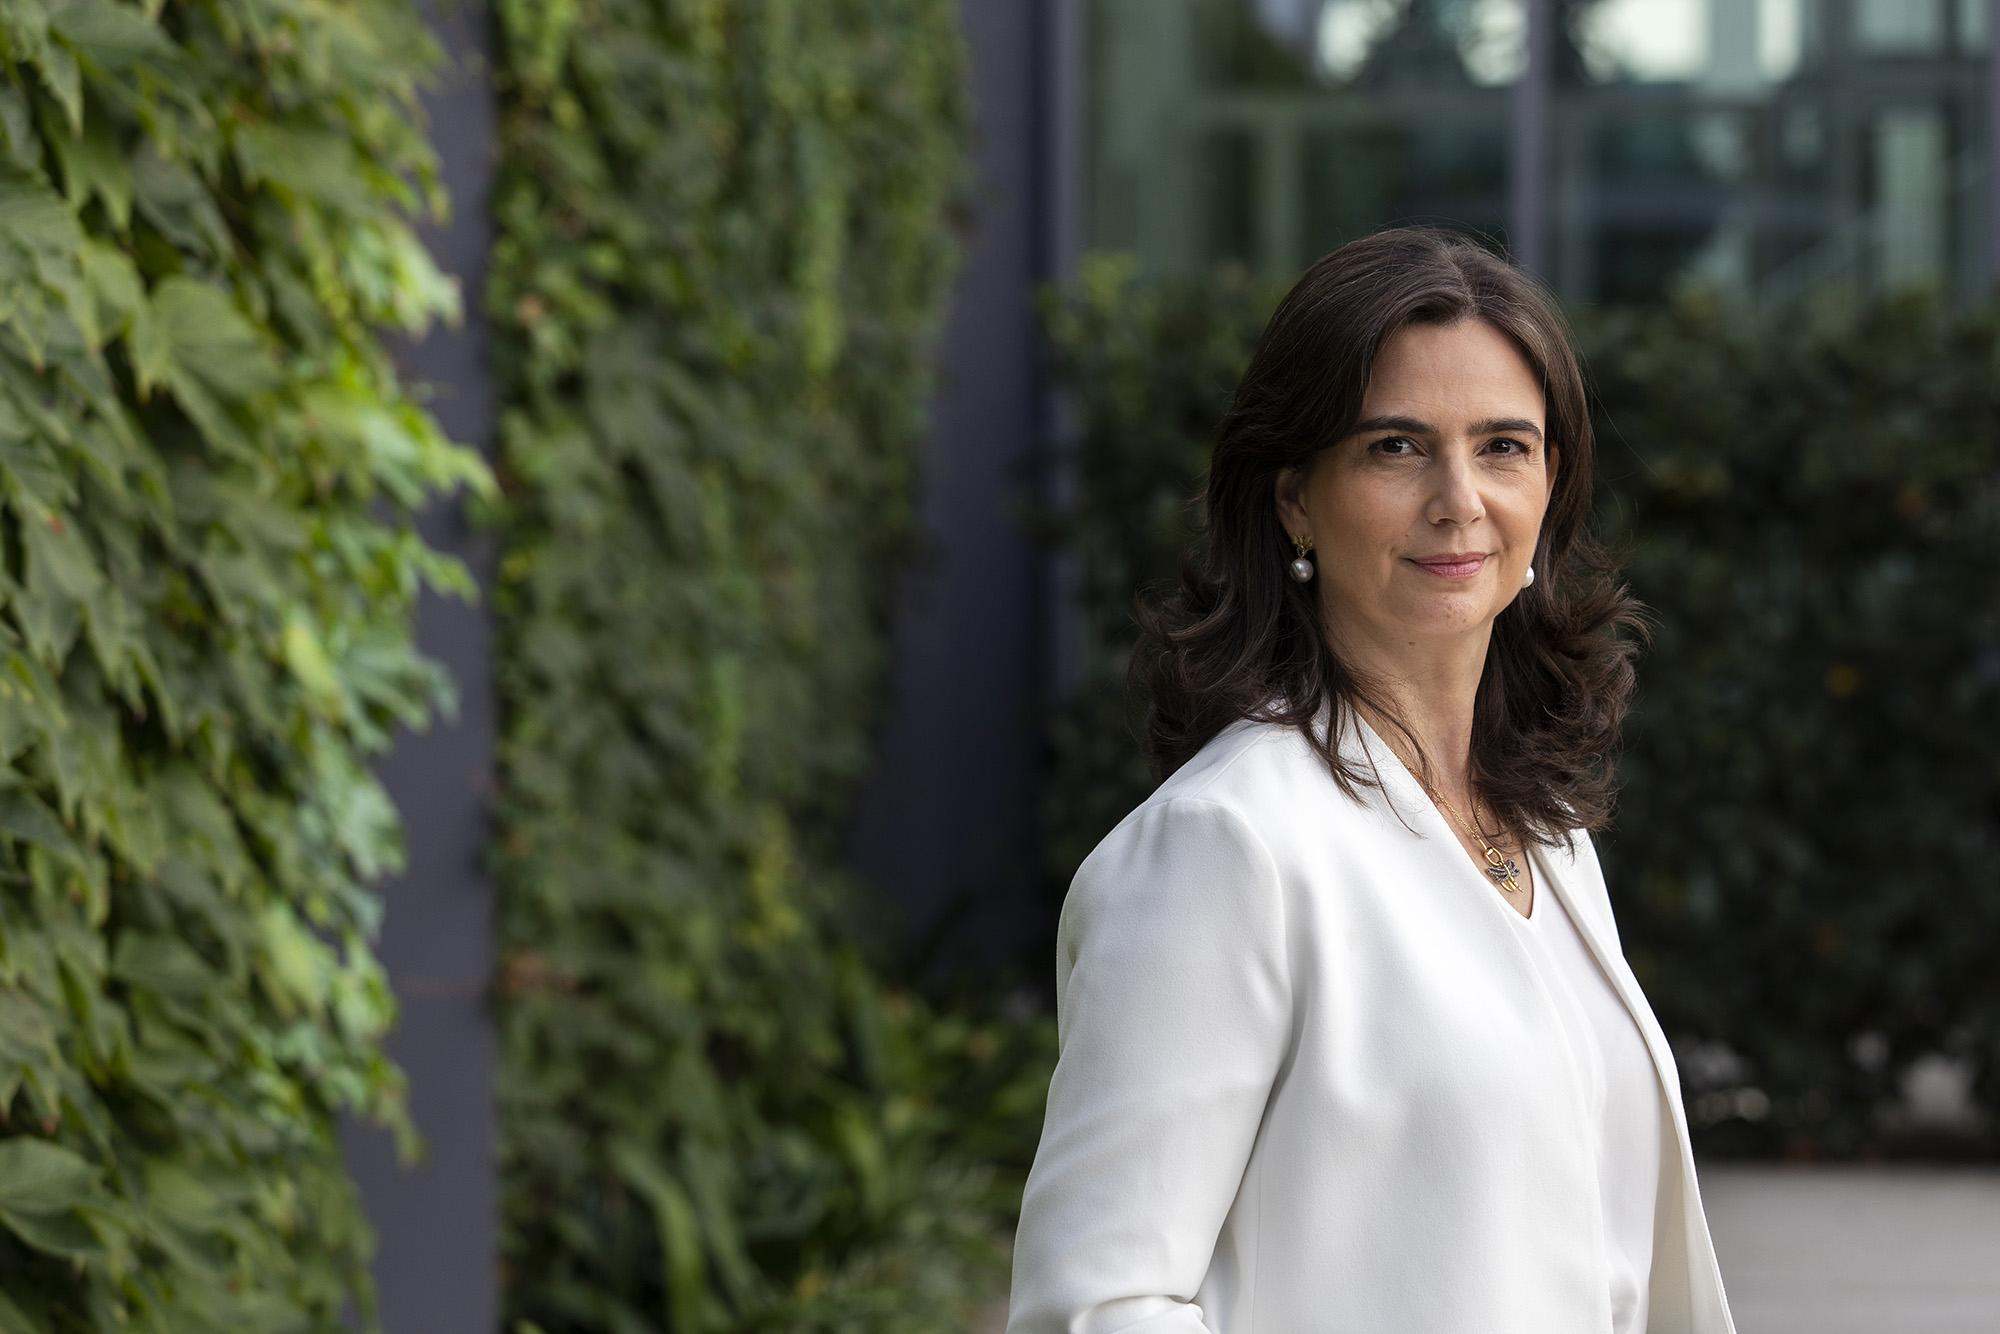 Inês Sequeira Mendes, managing partner da Abreu, em entrevista ao ECO/Advocatus - 21SET21